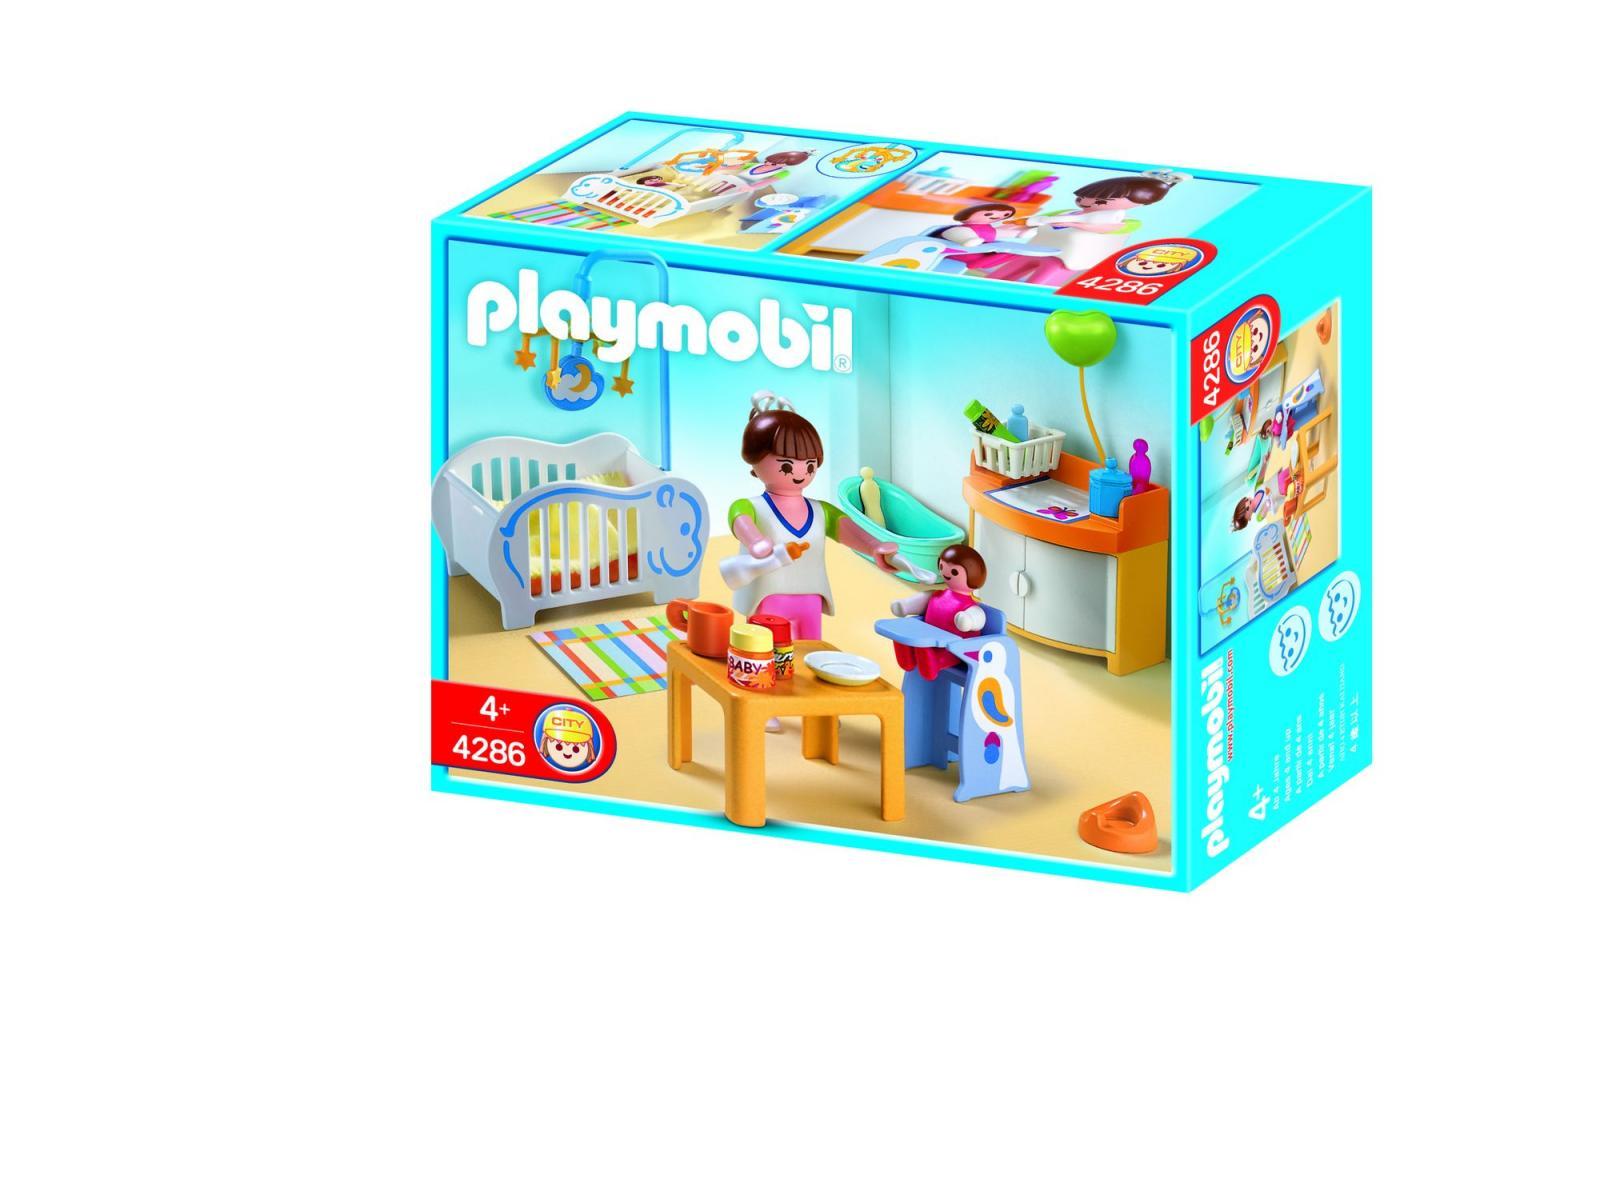 Chambre Playmobil Pour De Bébé Tricot Gratuit Idées 7gYy6bf